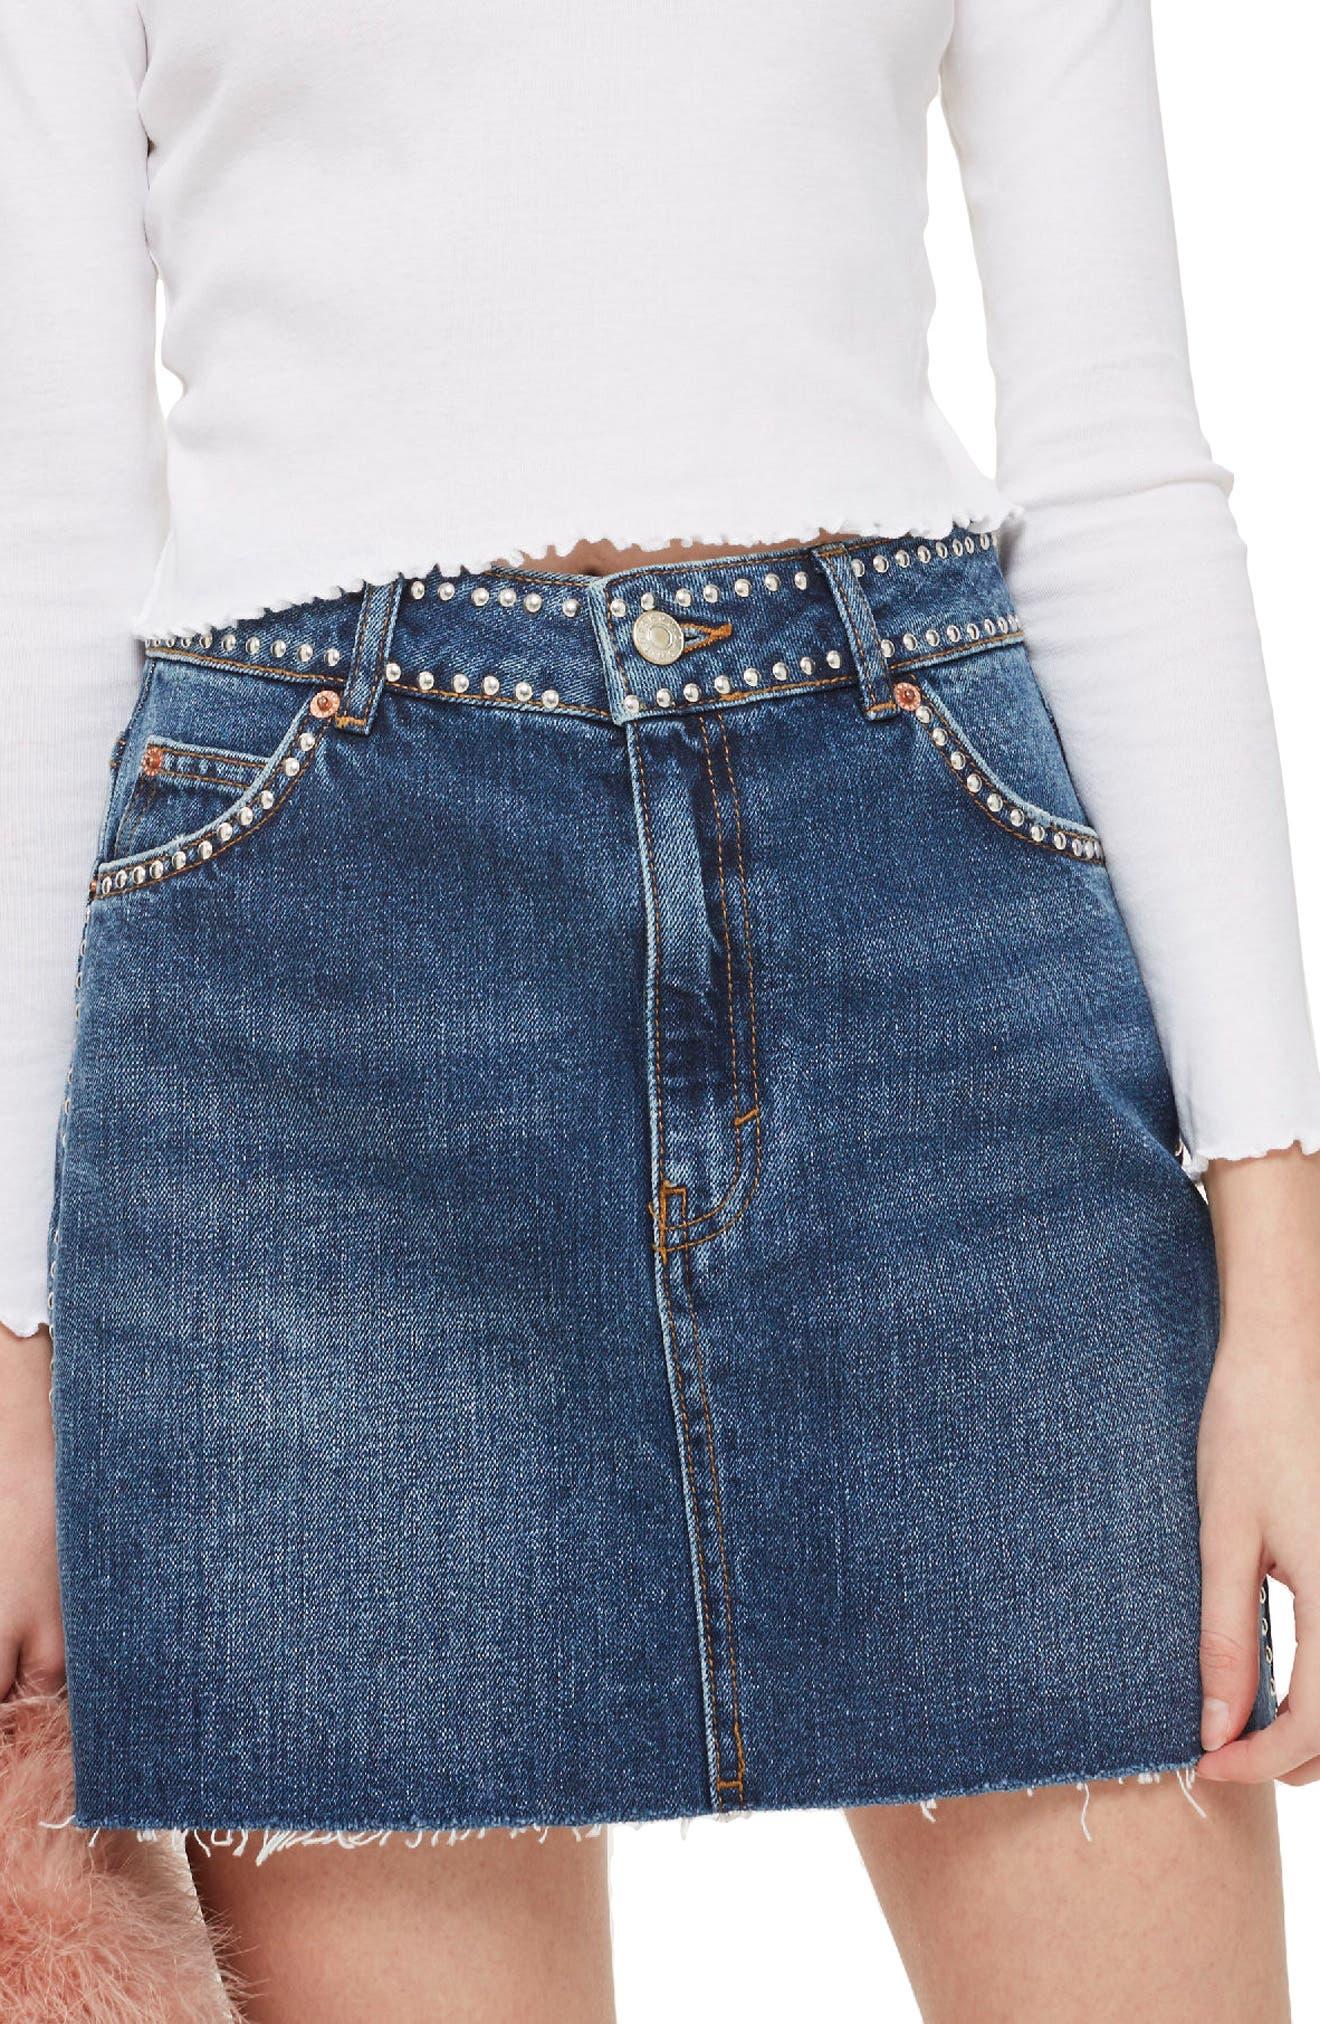 Topshop Studded Denim Skirt